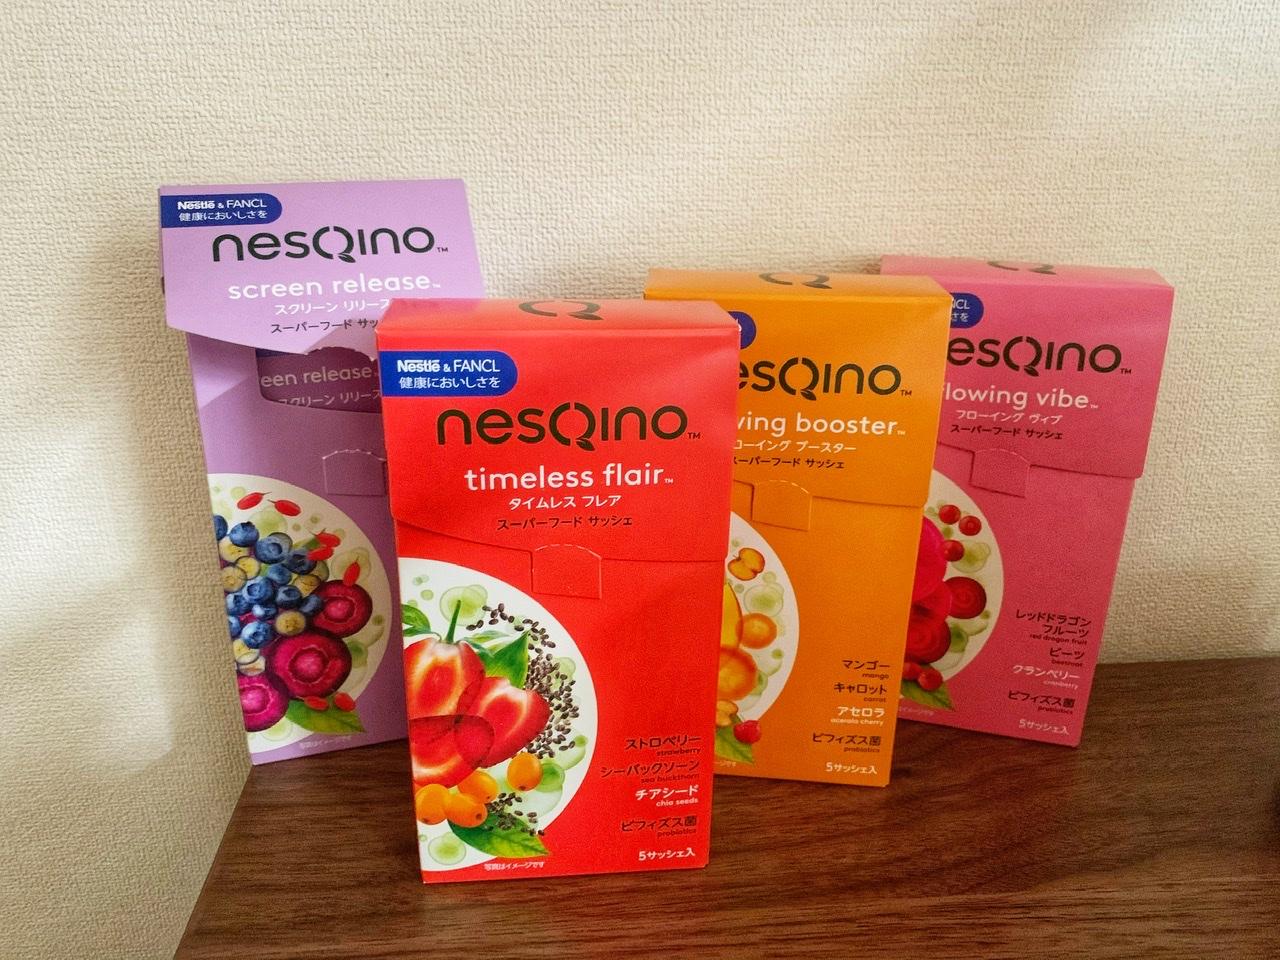 組合せ18通り♡自宅で簡単にスーパーフードが摂れる新感覚スムージー「ネスキーノ」がおすすめすぎる_7